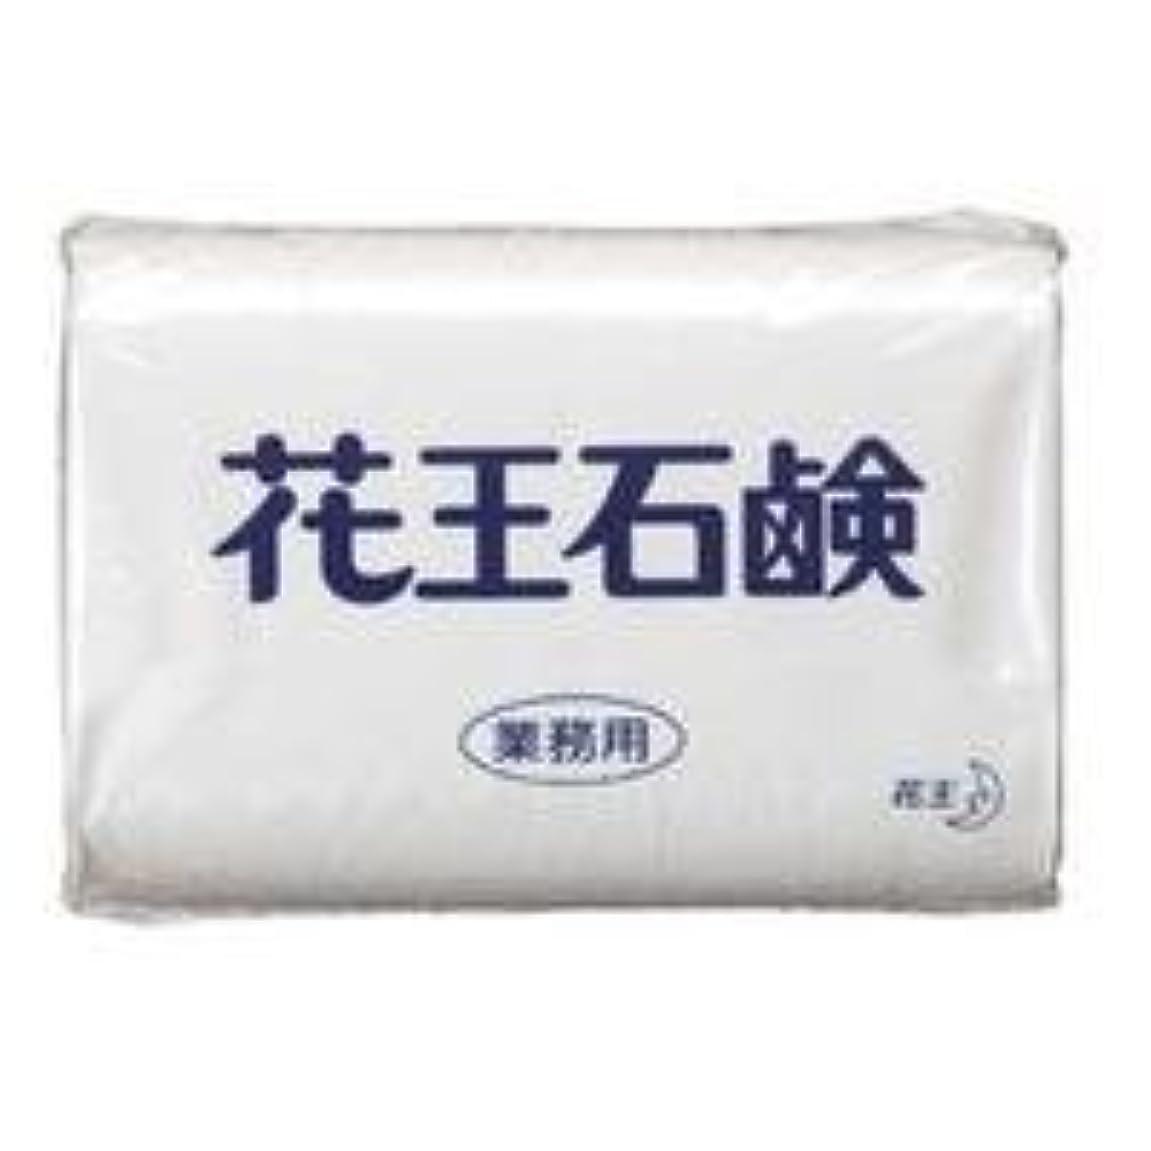 独裁者ガロンオーチャード業務用石鹸 85g 3個×40パック(120個入り)